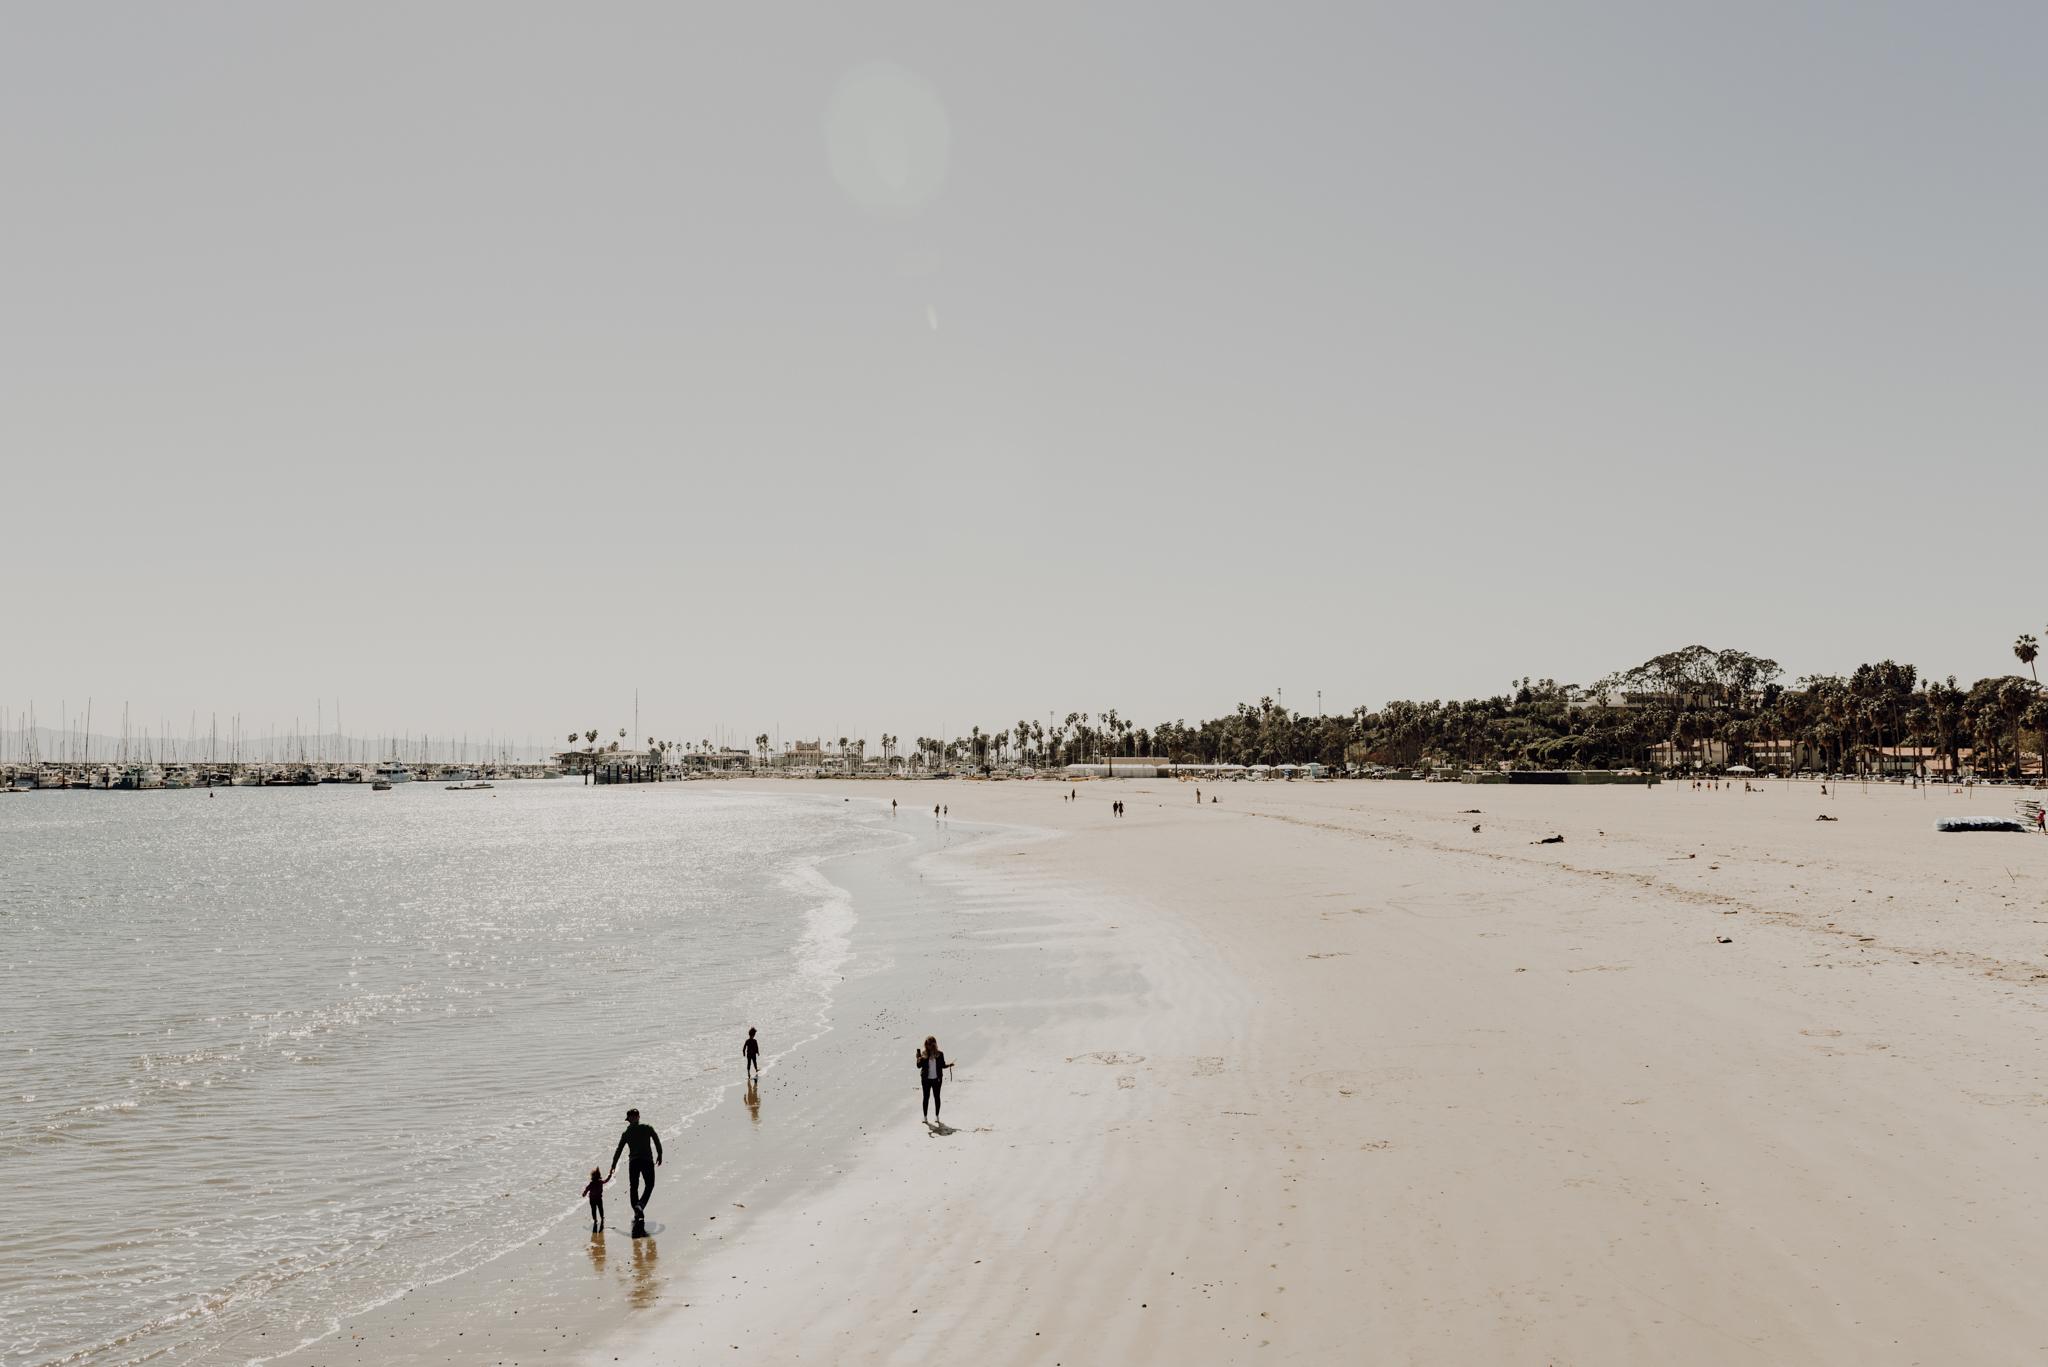 2018-02-25-Santa Barbara-12.jpg